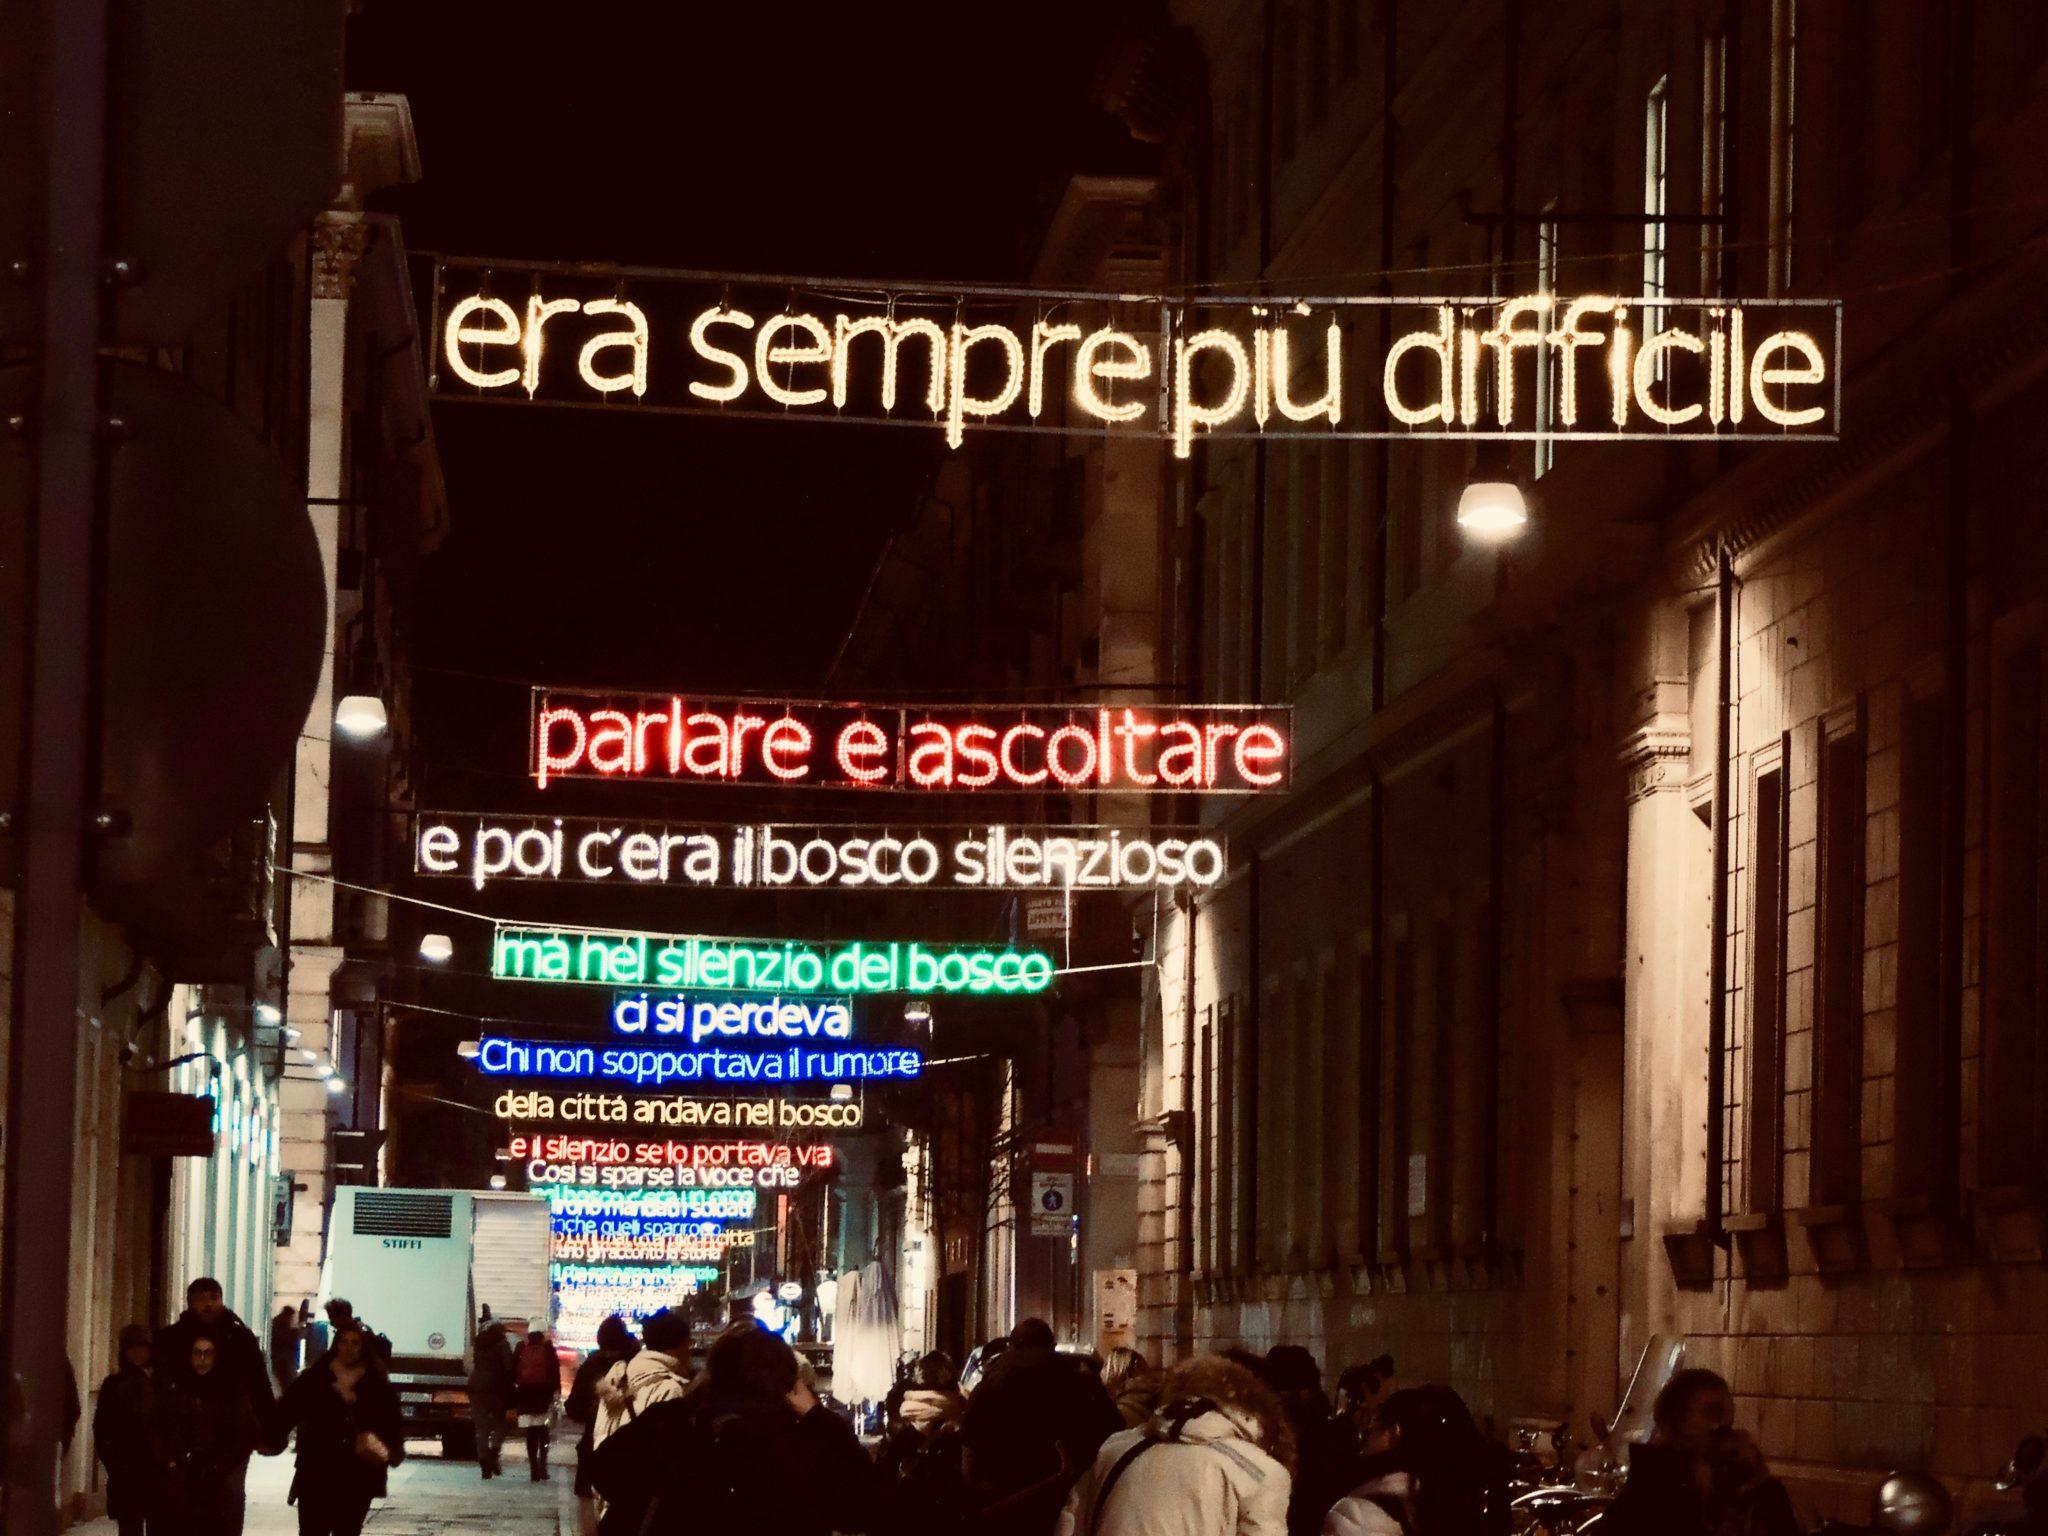 Michelangelo Pistoletto, Mario Merz, Valerio Berruti sono solo alcuni dei nomi di Luci d'Artista, che dal 1998 illumina Torino durante le feste di Natale